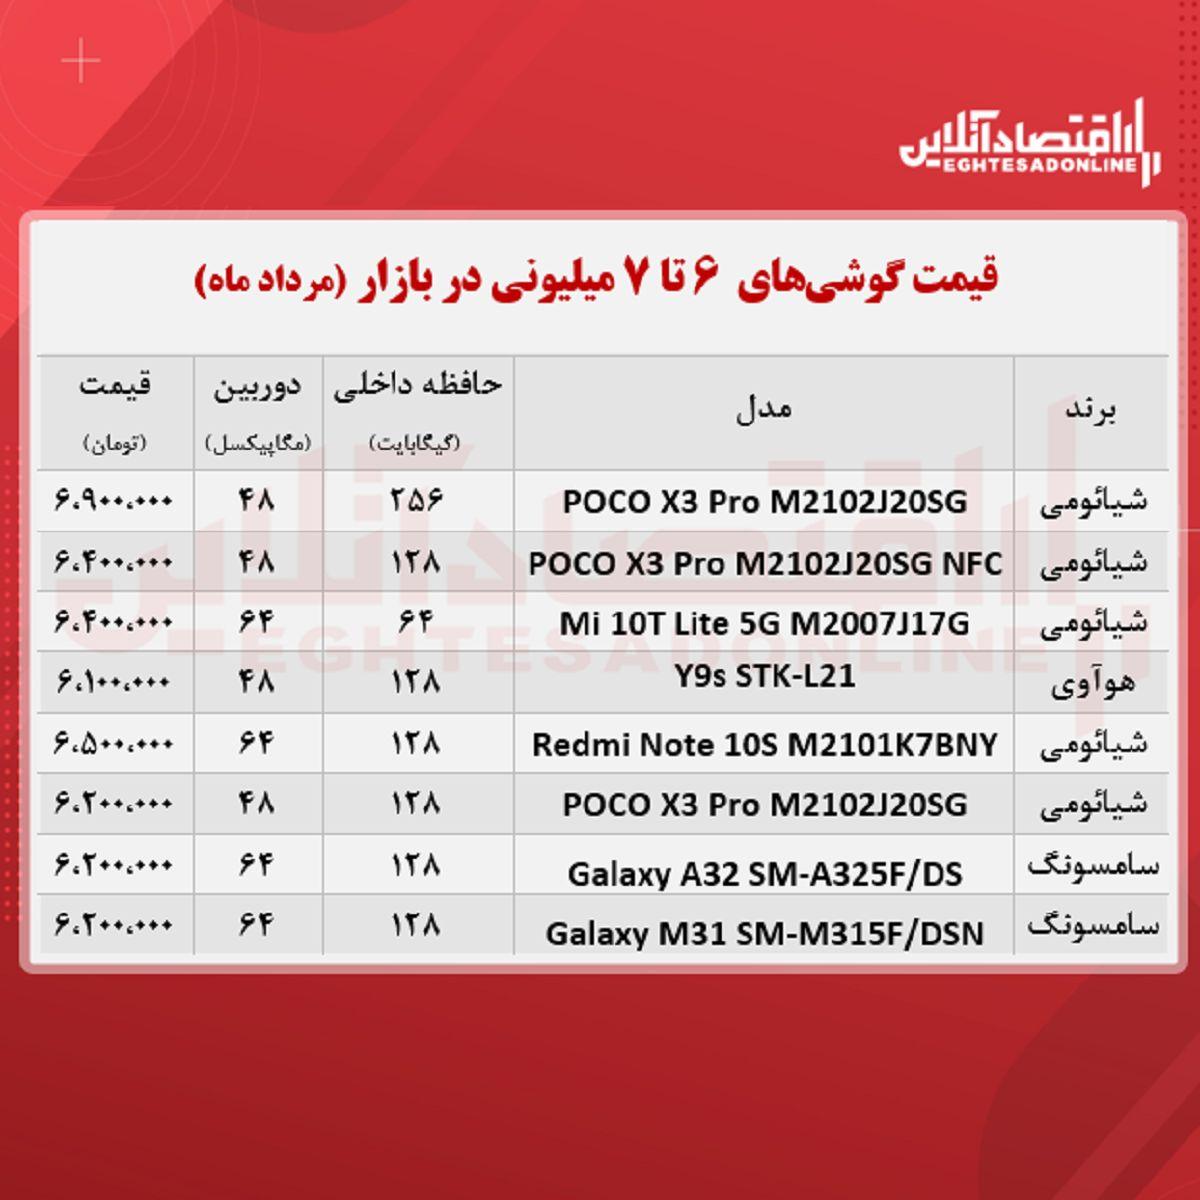 قیمت گوشی (محدوده ۷ میلیون تومان)